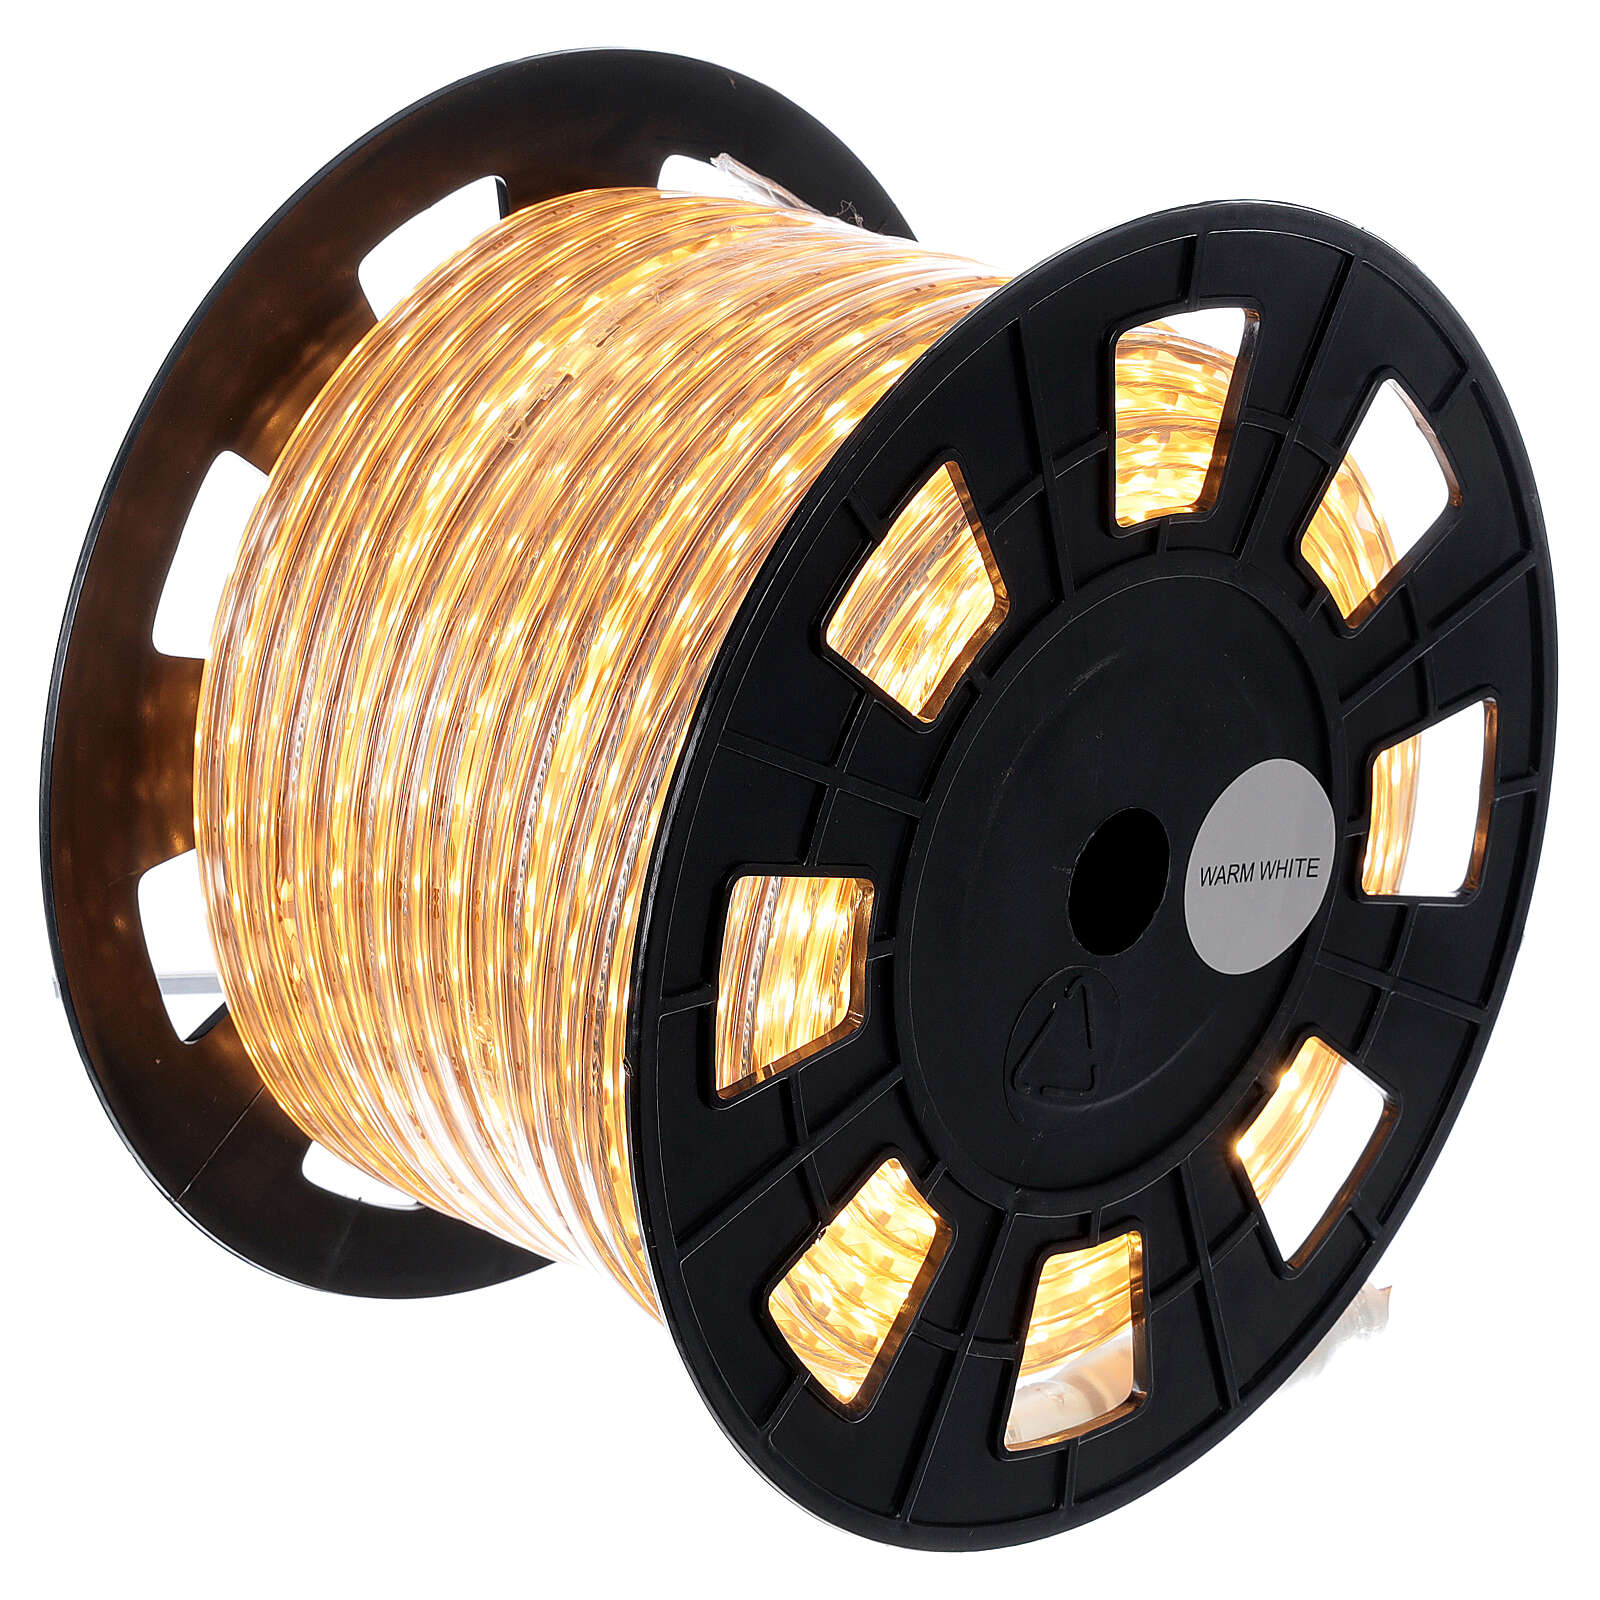 Bobine tapelight PROFESSIONAL 3000 LED blanc chaud 50 m 5 accessoires EXTÉRIEUR 3